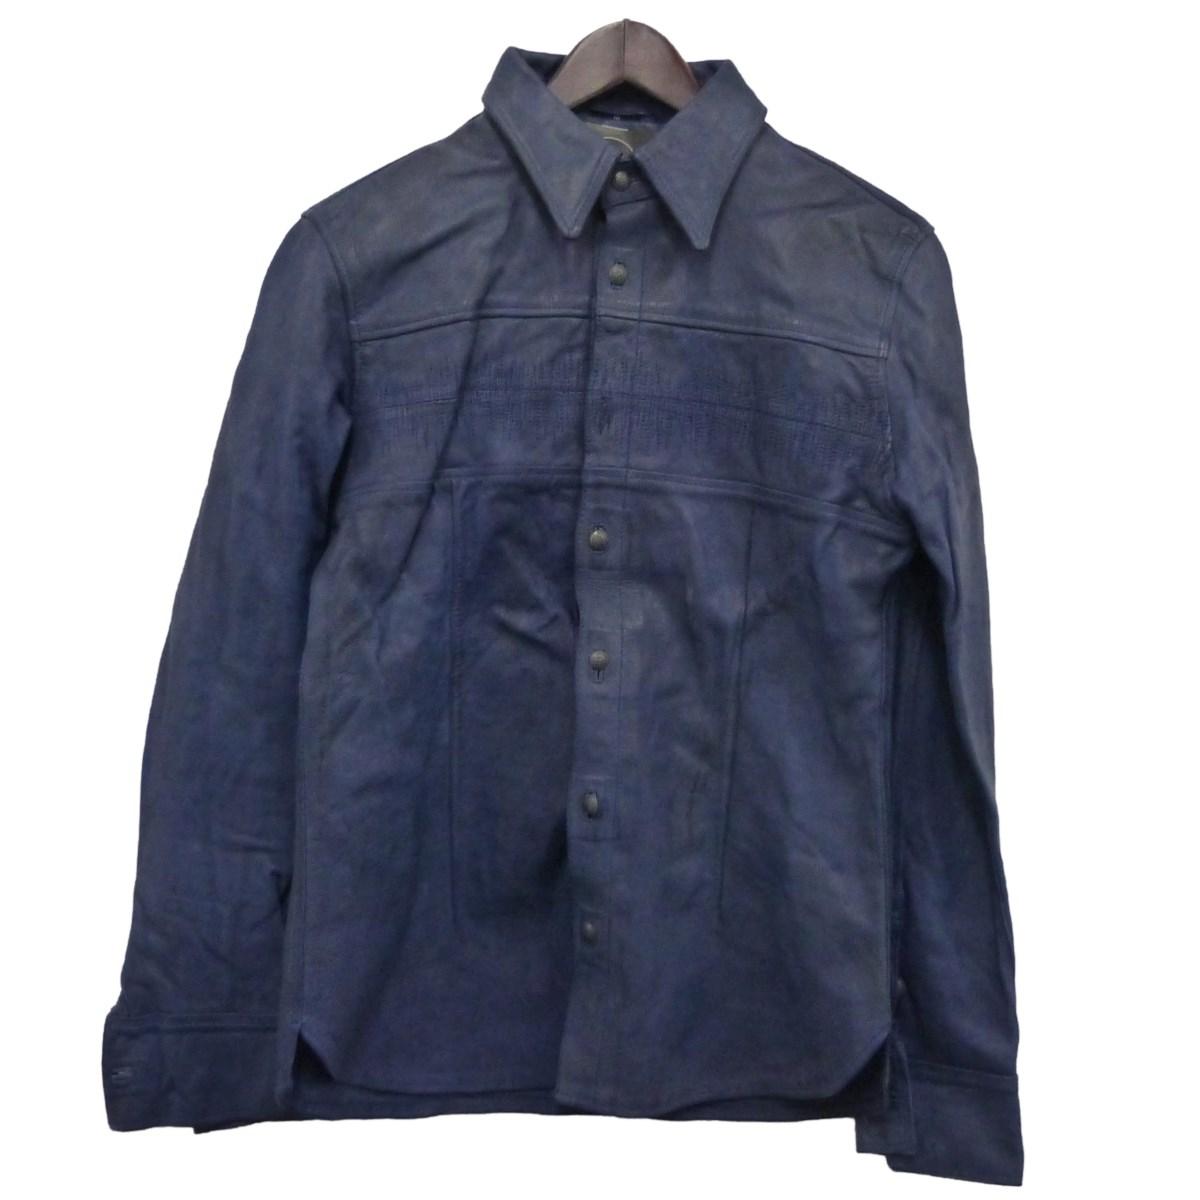 【中古】ANTINOISE レザーシャツジャケット ネイビー サイズ:M 【070420】(アンチノイズ)